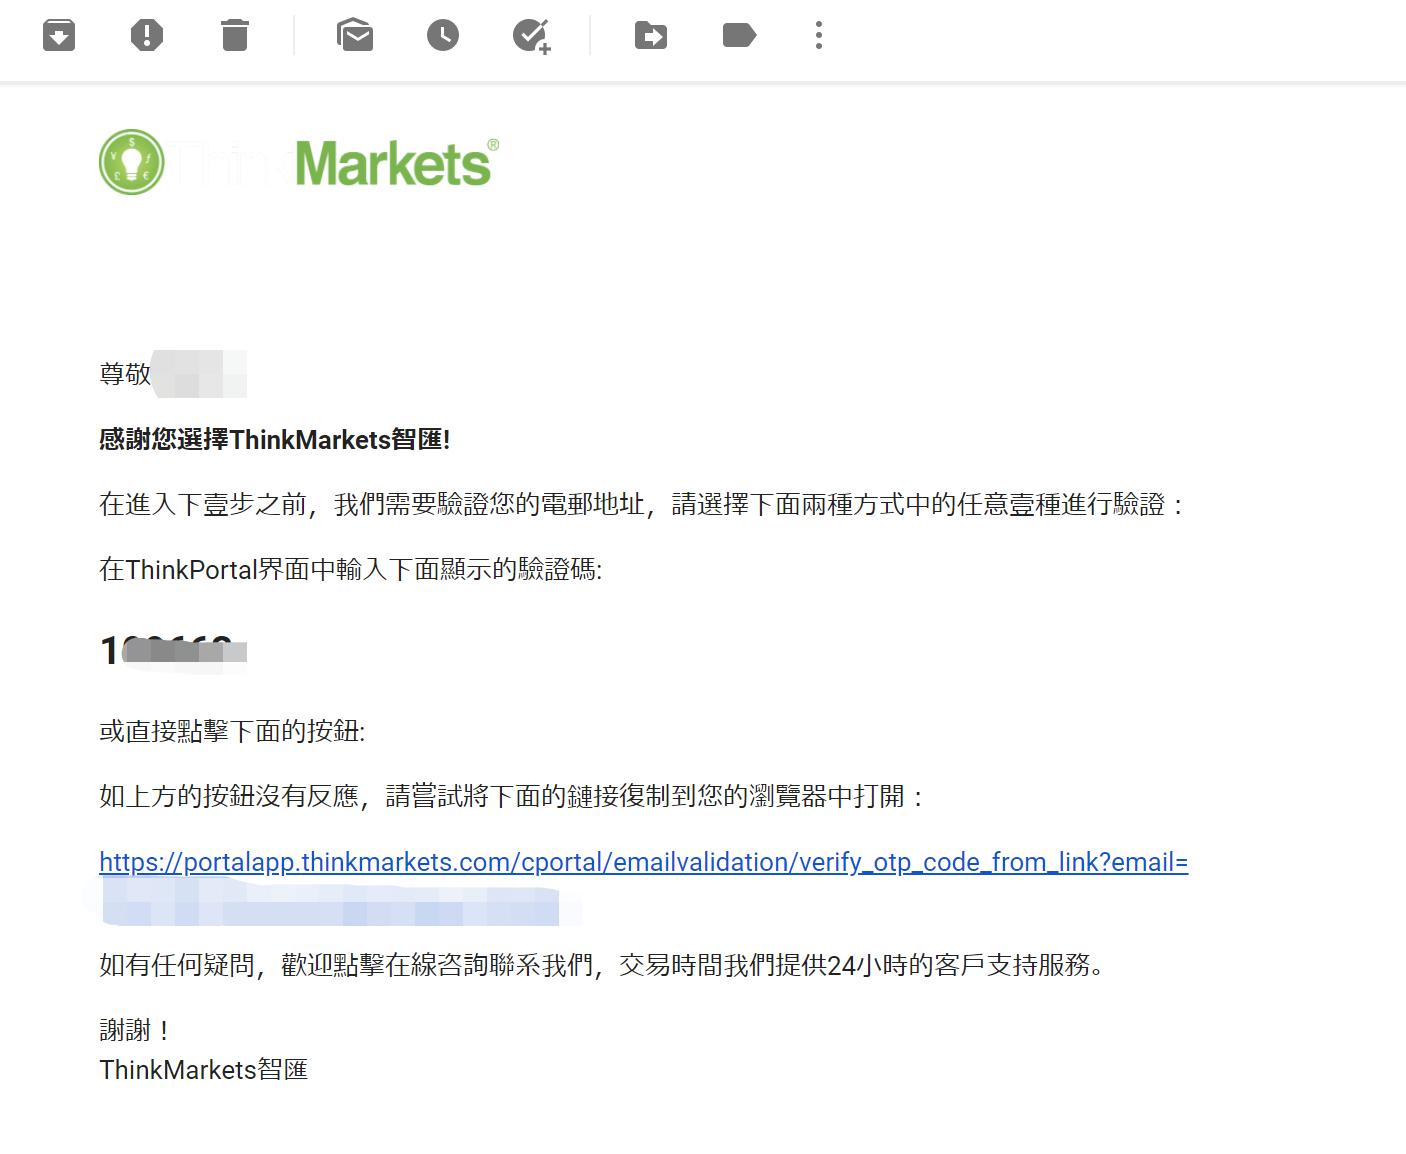 Thinkmarkets的驗證碼確認郵件